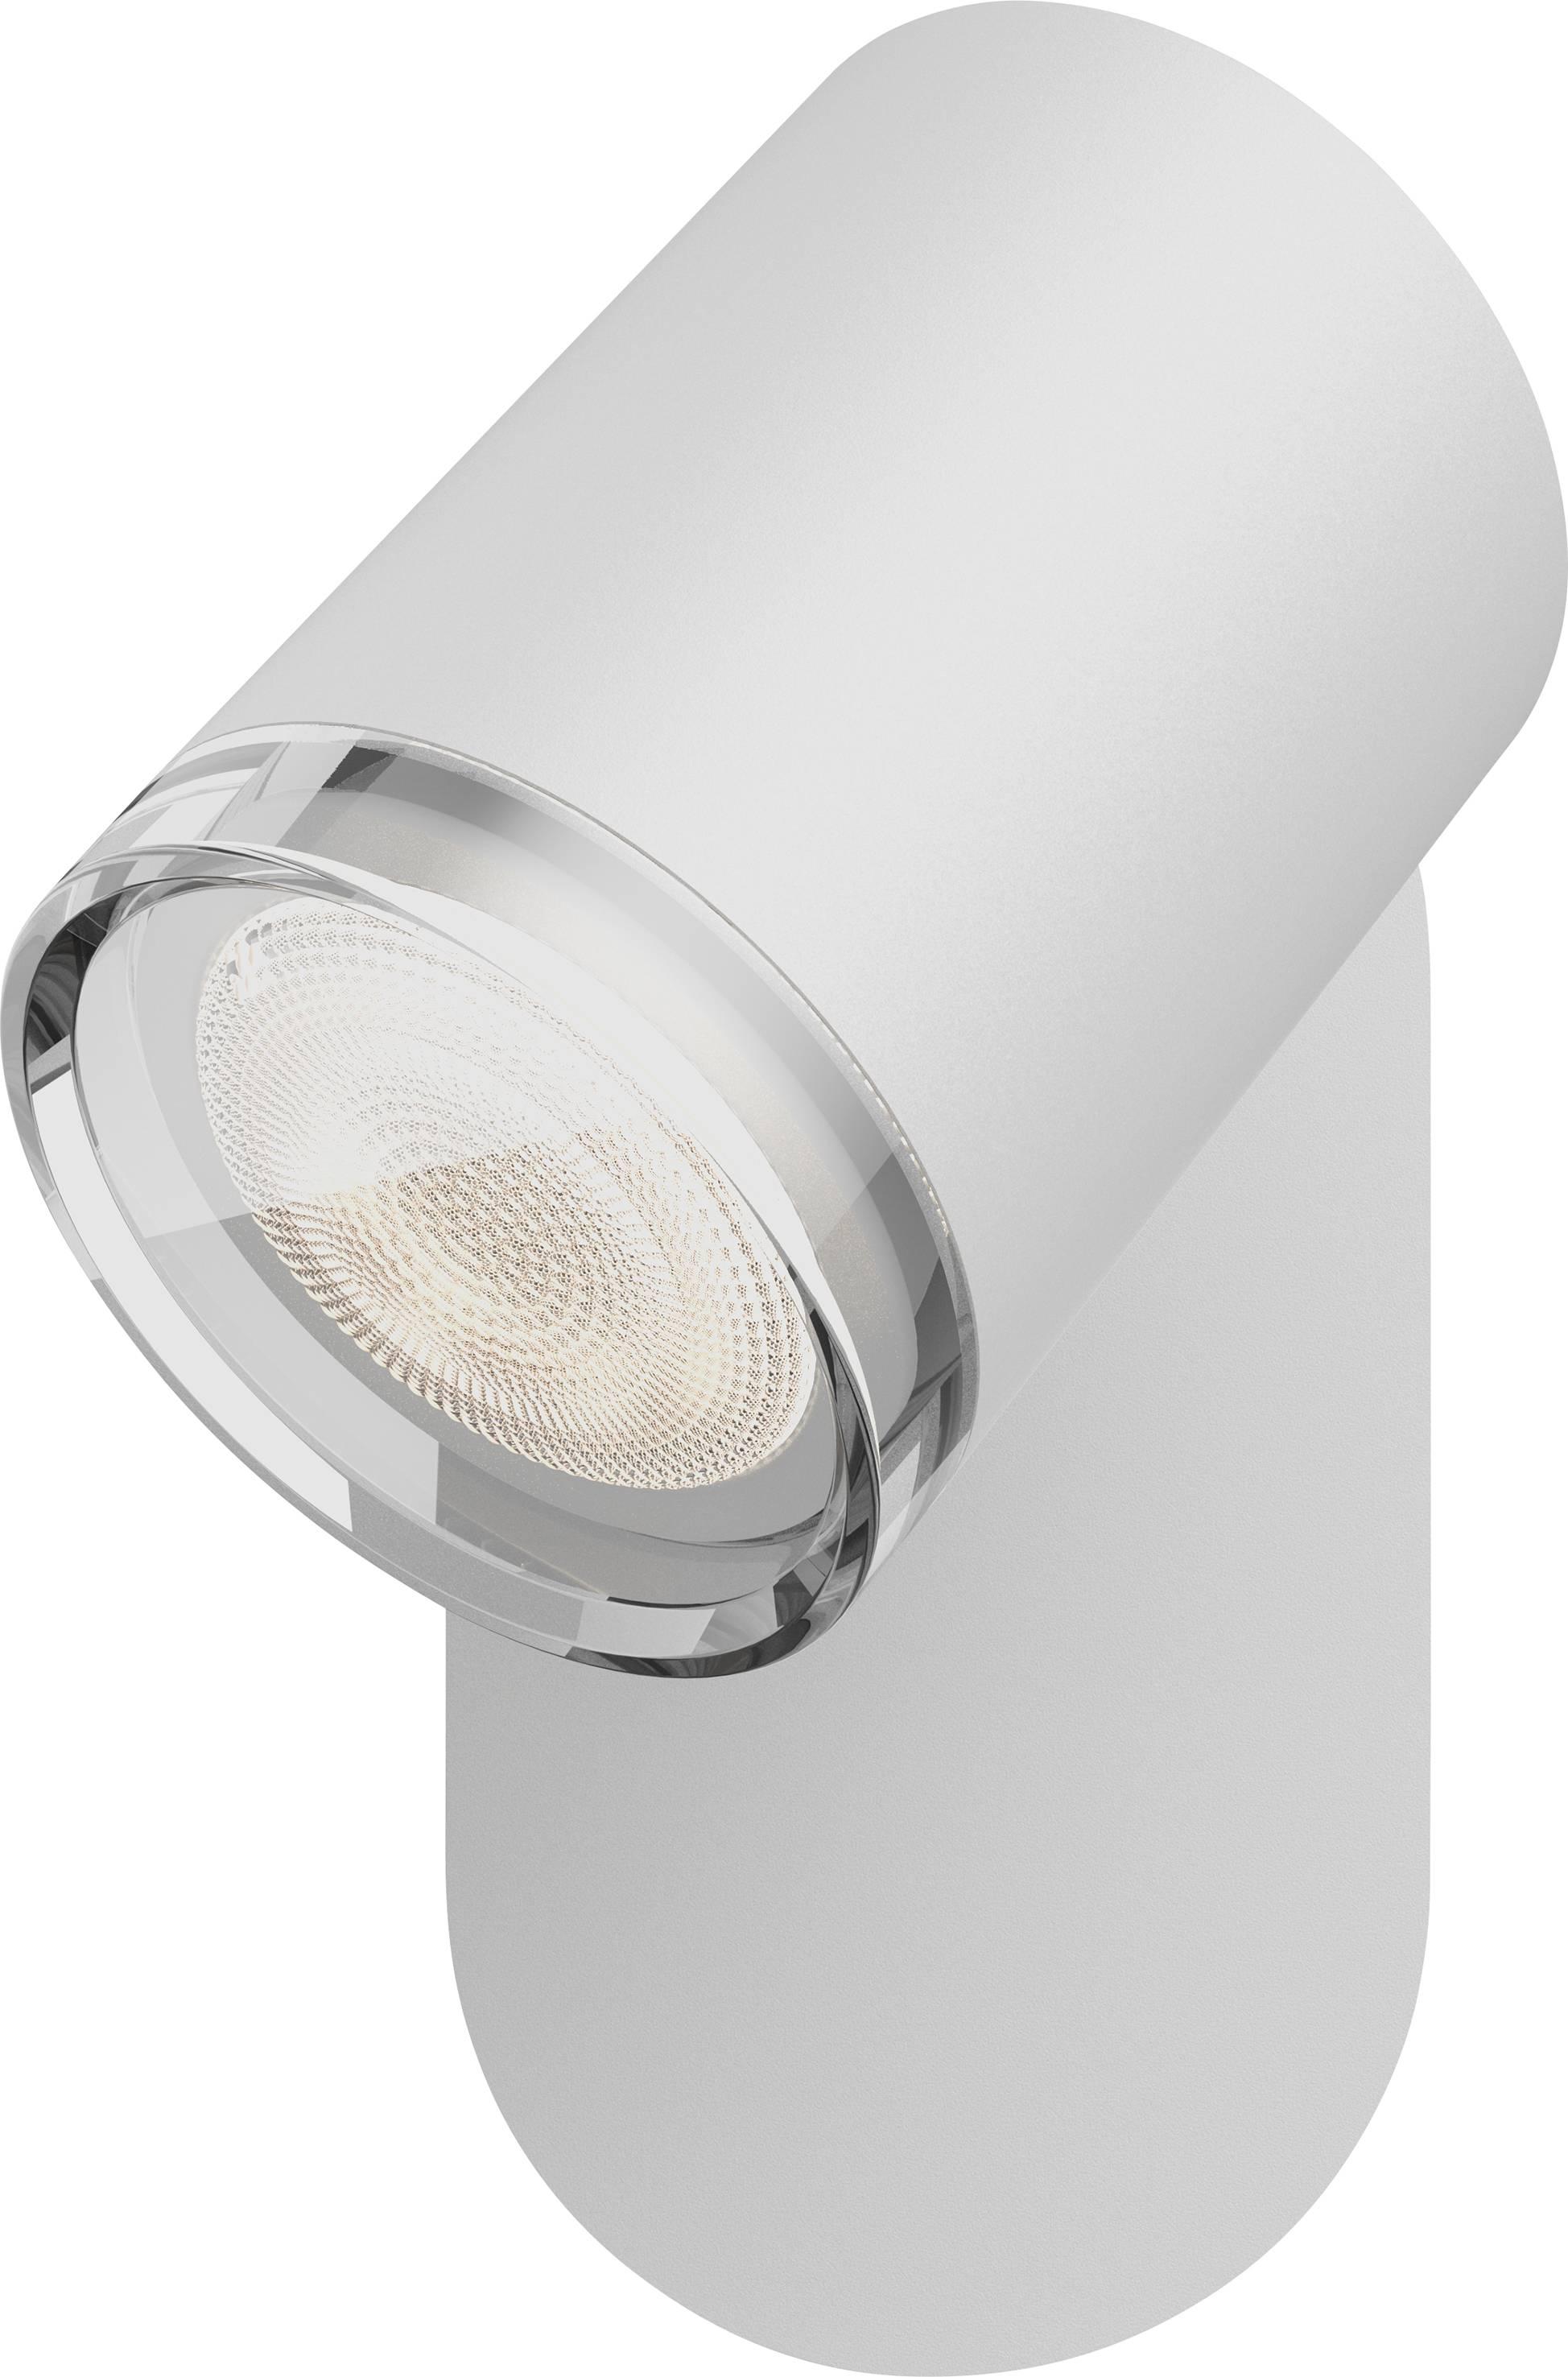 izdelek-philips-lighting-hue-led-kopalniska-stropna-svetilka-adore-g-6